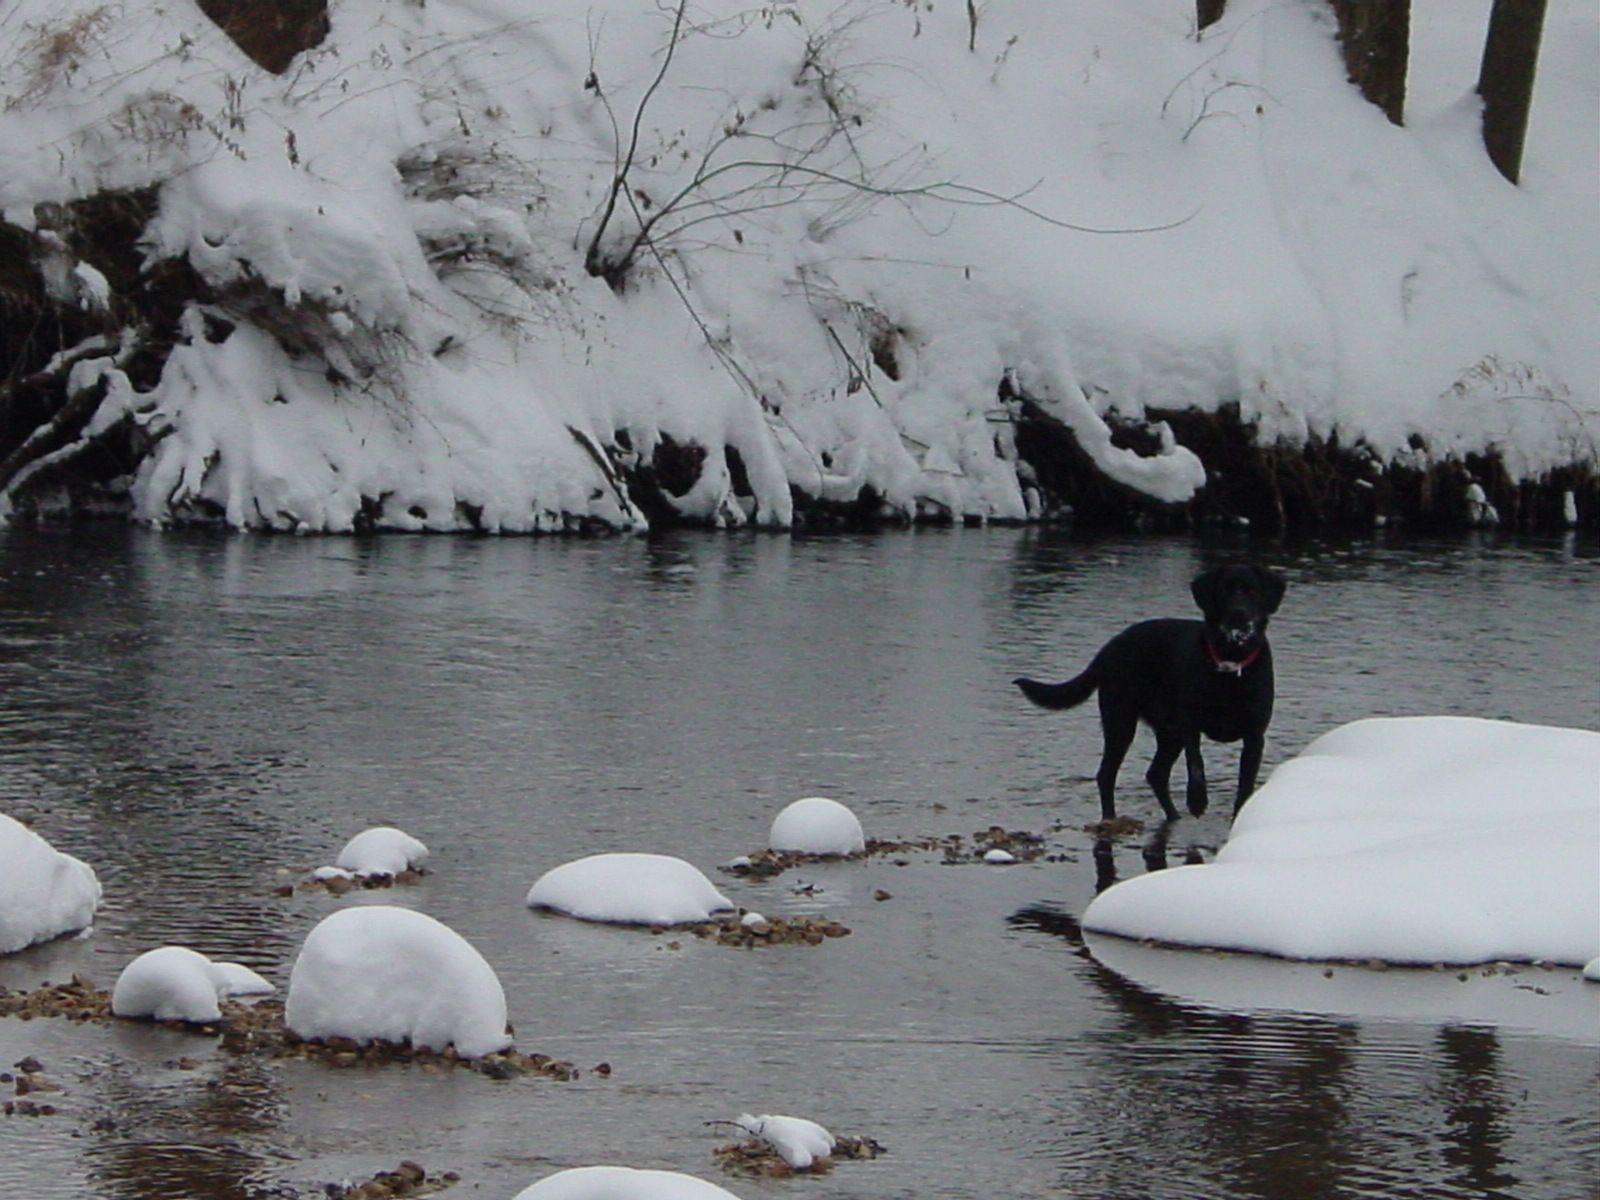 Oscar at the river